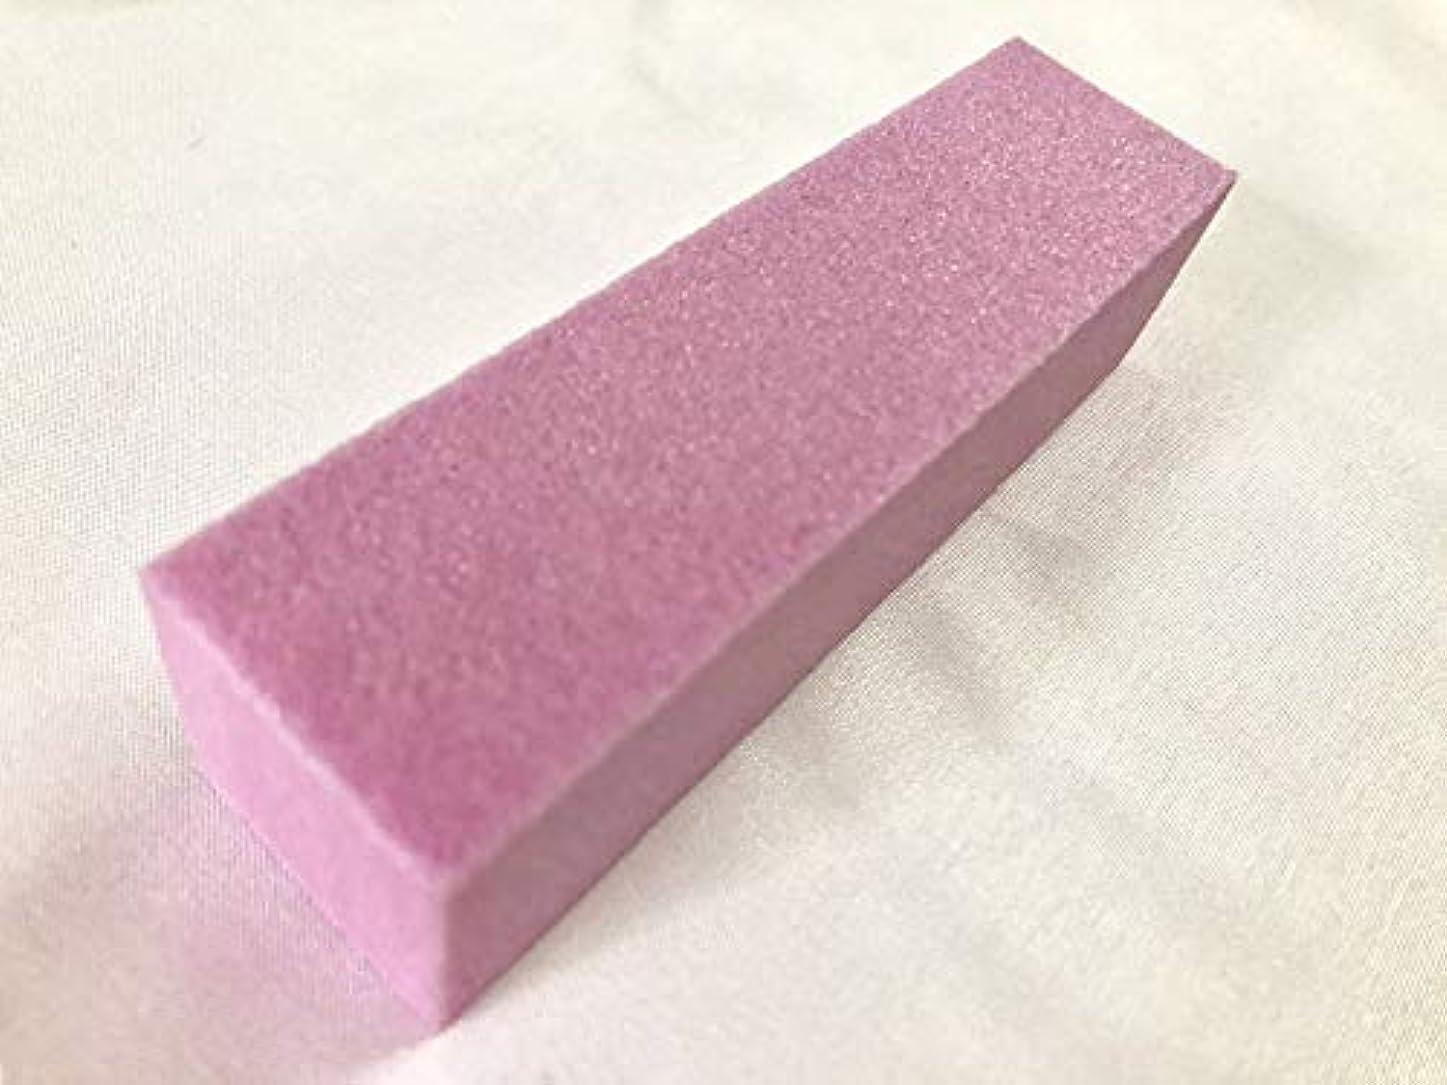 石炭二十有益なスポンジ ネイル ファイル 4本セット マニュキュア ネイル ジェルネイル カラフルなスポンジやすりです 使用用途: ネイルファイル 角質とり 刃物のやすり